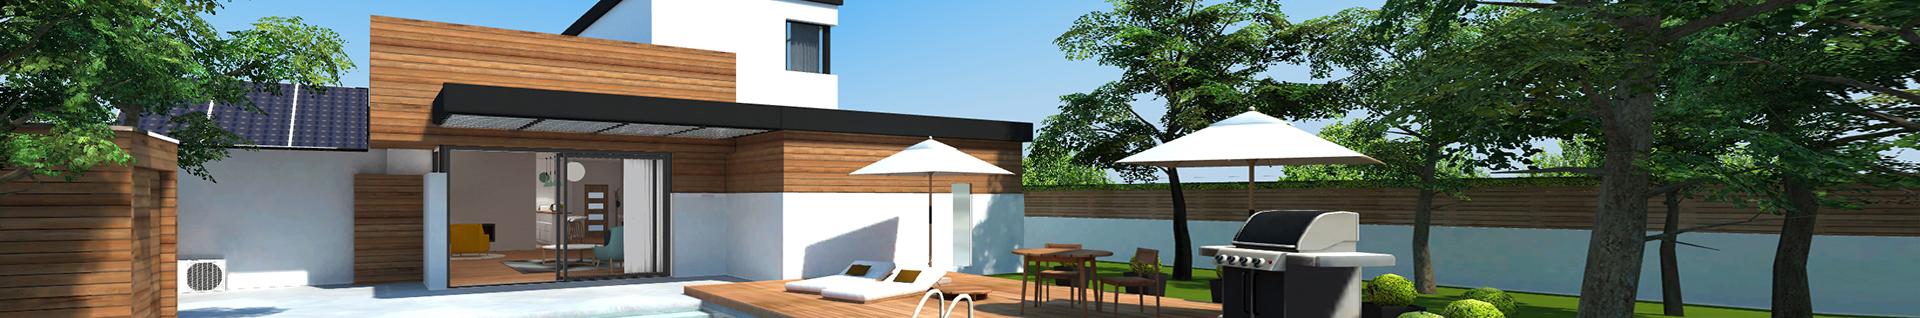 Liens vers la page sur la visite 3D de la maison GRDF